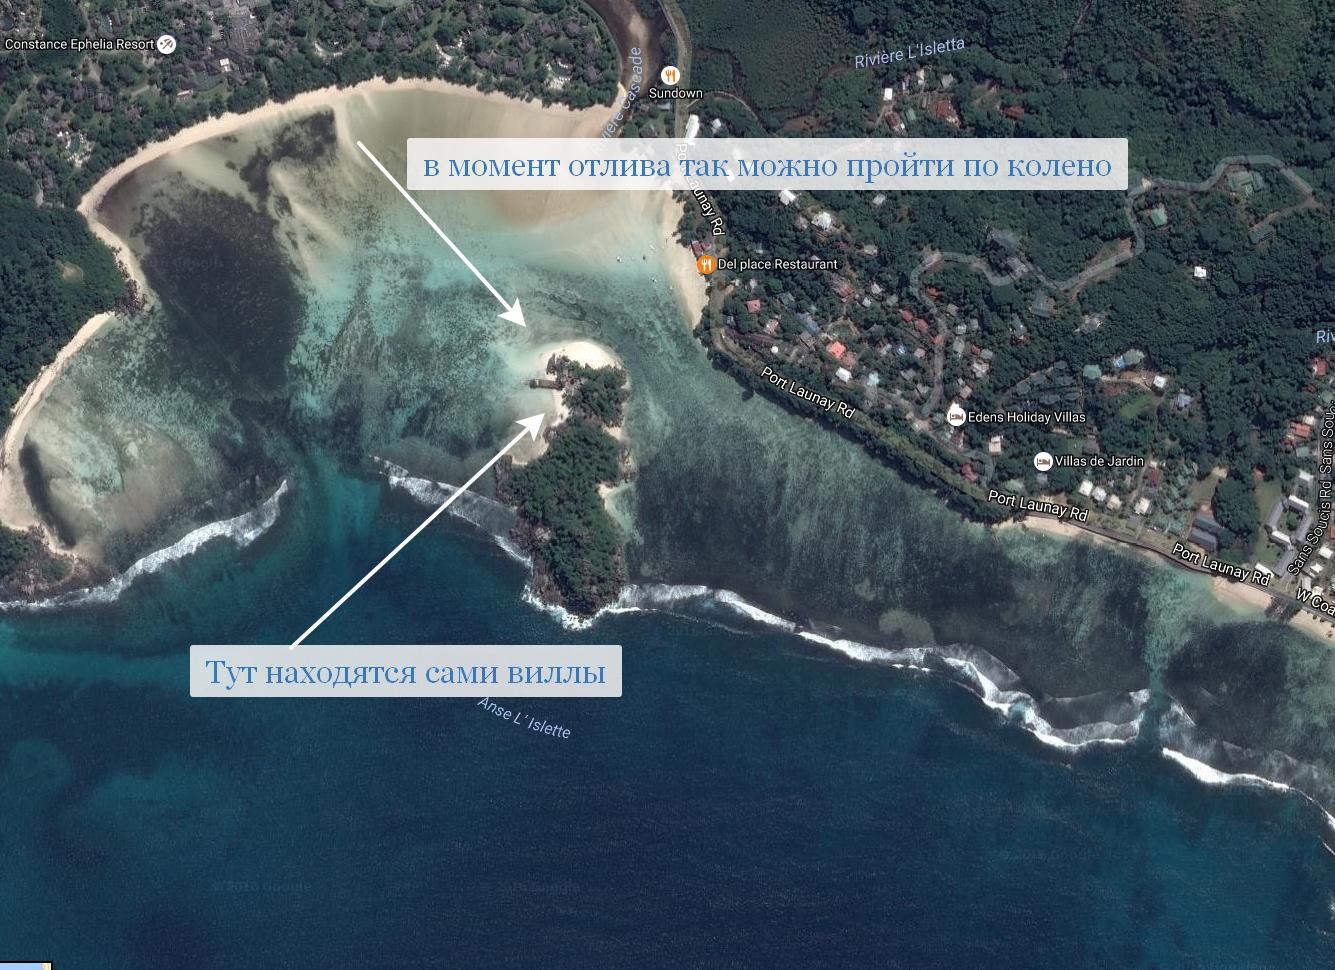 Дом 2 сейшельские острова где находятся